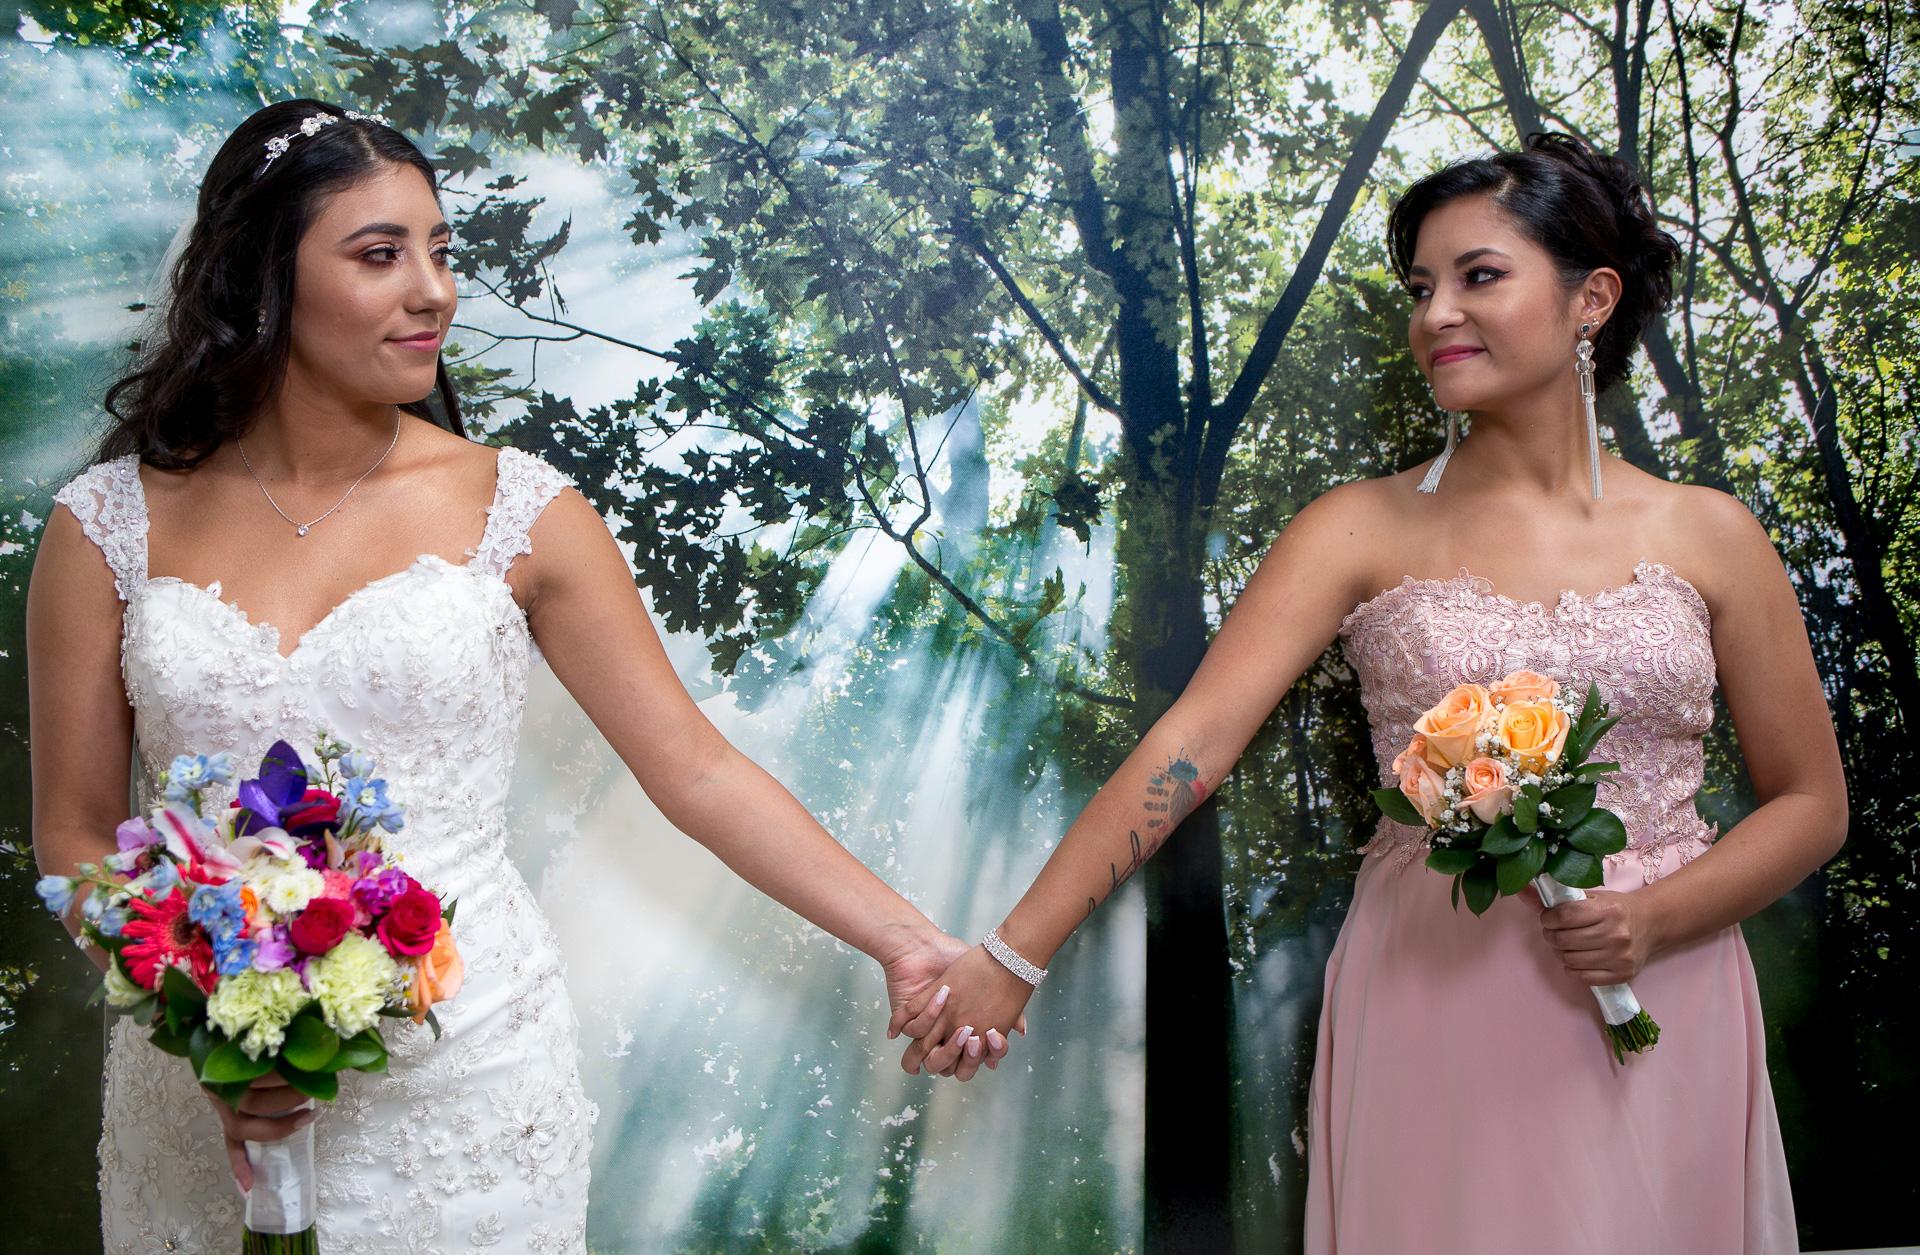 Fotógrafos-de-bodas-en-Colombia-Alejandro-y-Angelica-13 ALEJANDRO + ANGELICA